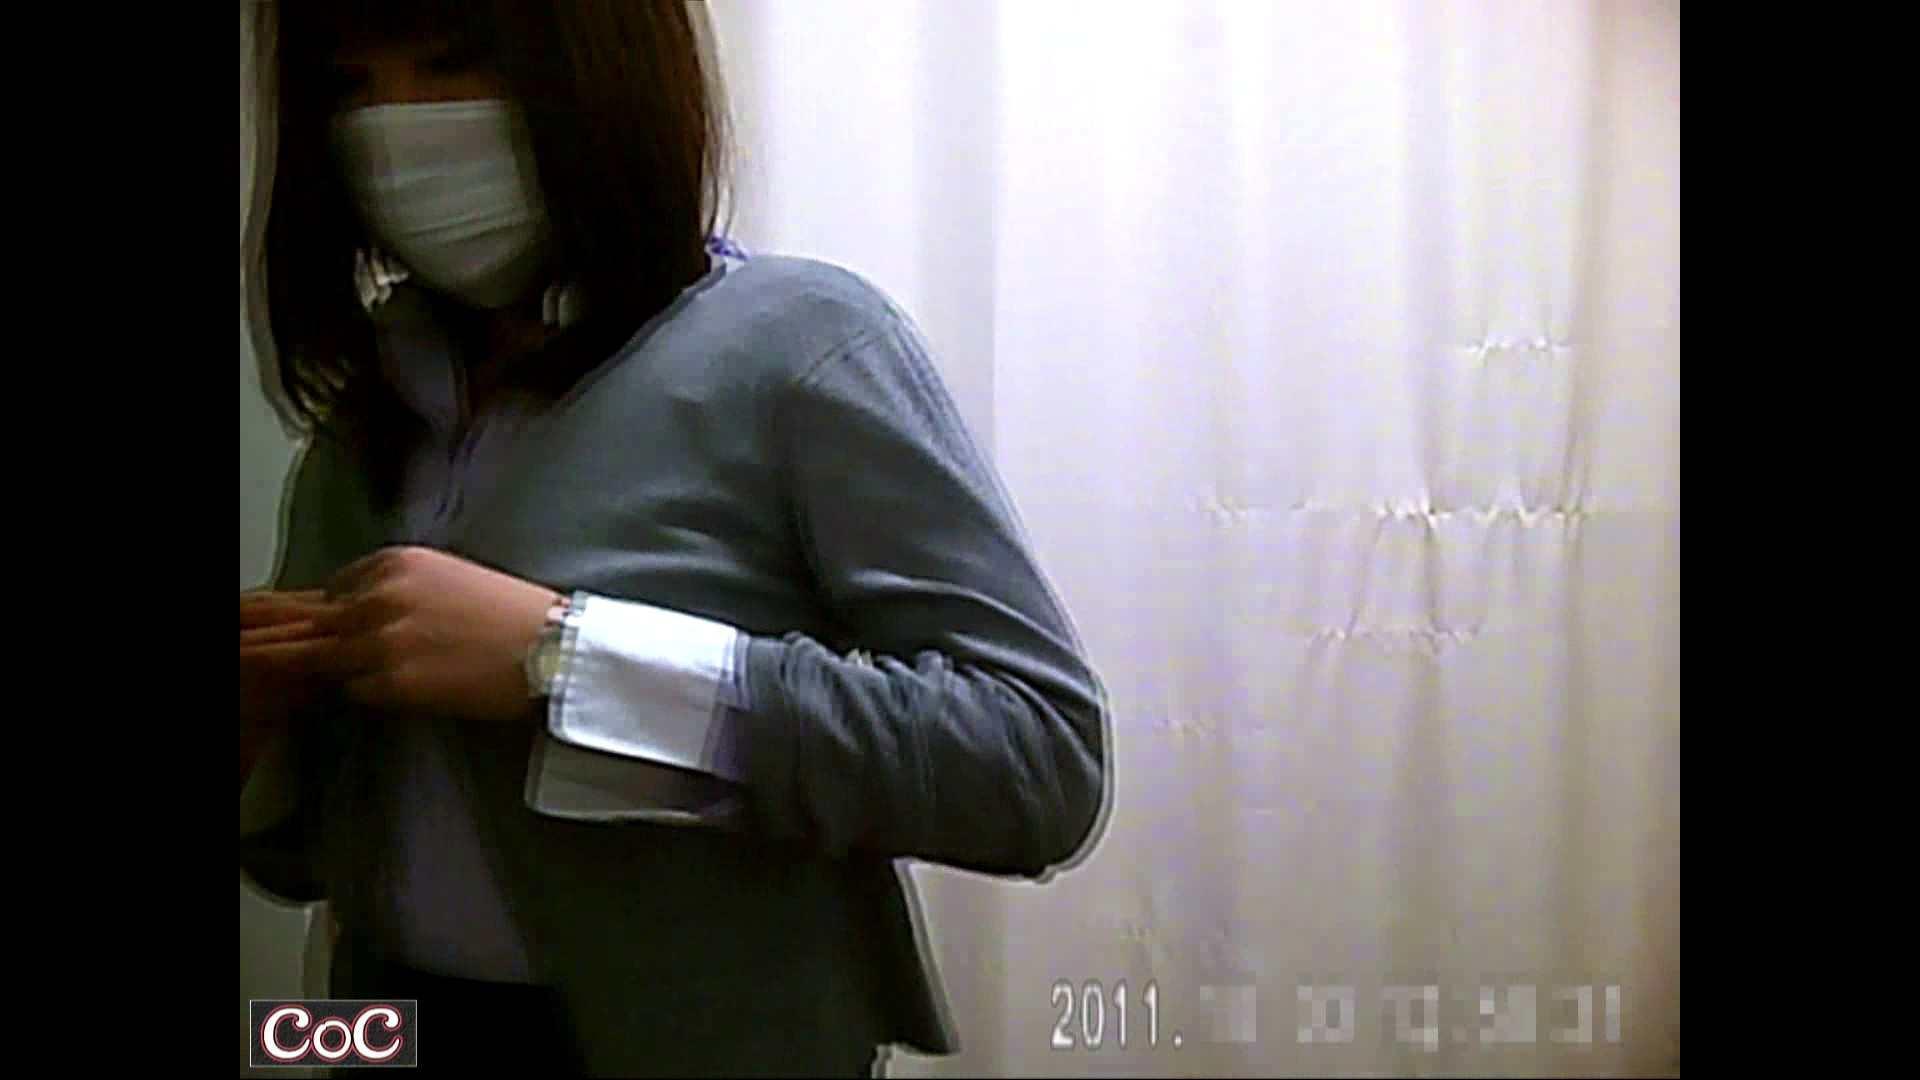 元医者による反抗 更衣室地獄絵巻 vol.248 OL  69pic 66